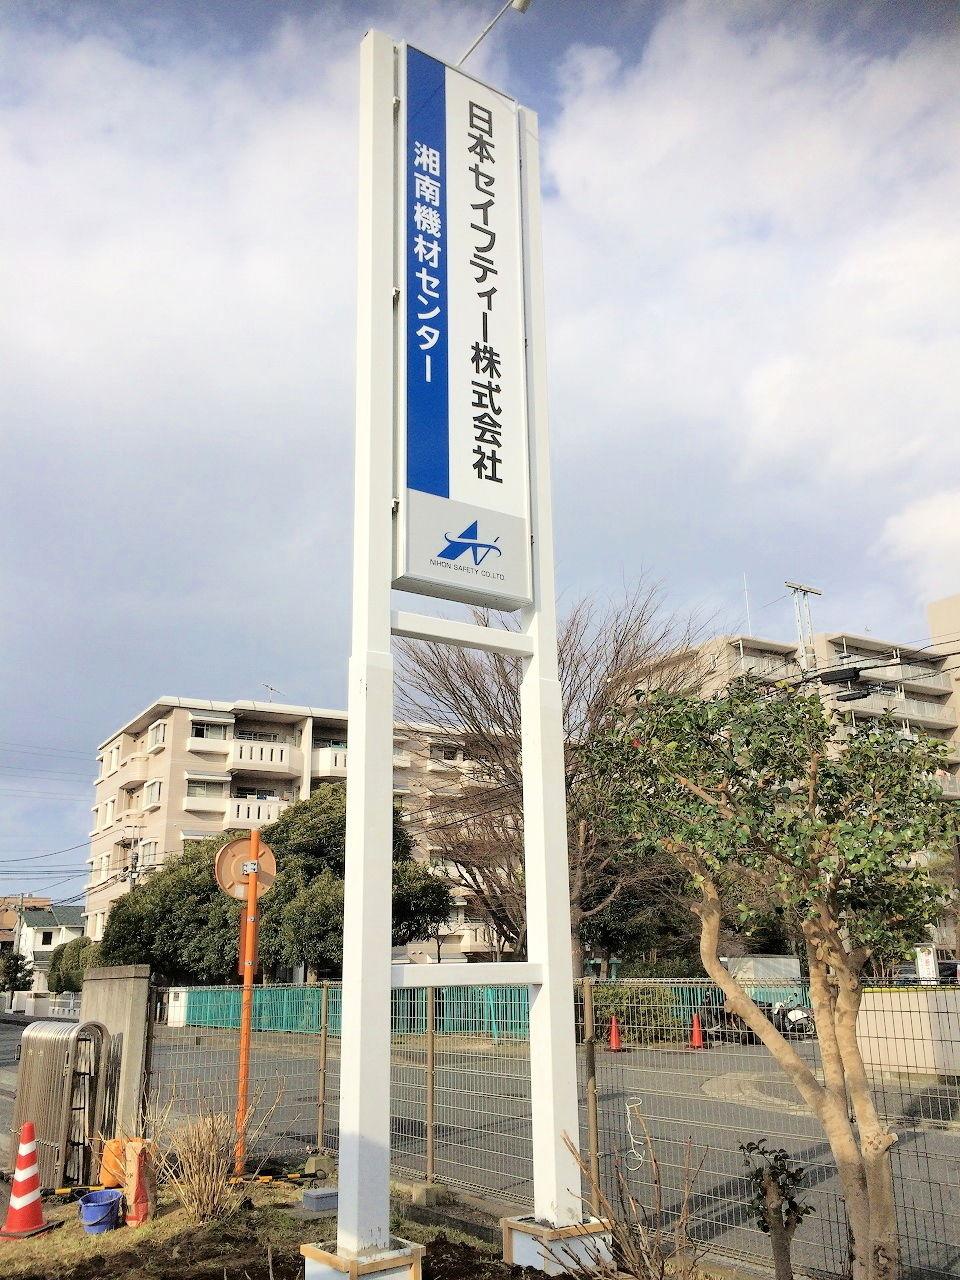 茨城・施工管理・工事監理者【建築】・上場企業のグループ